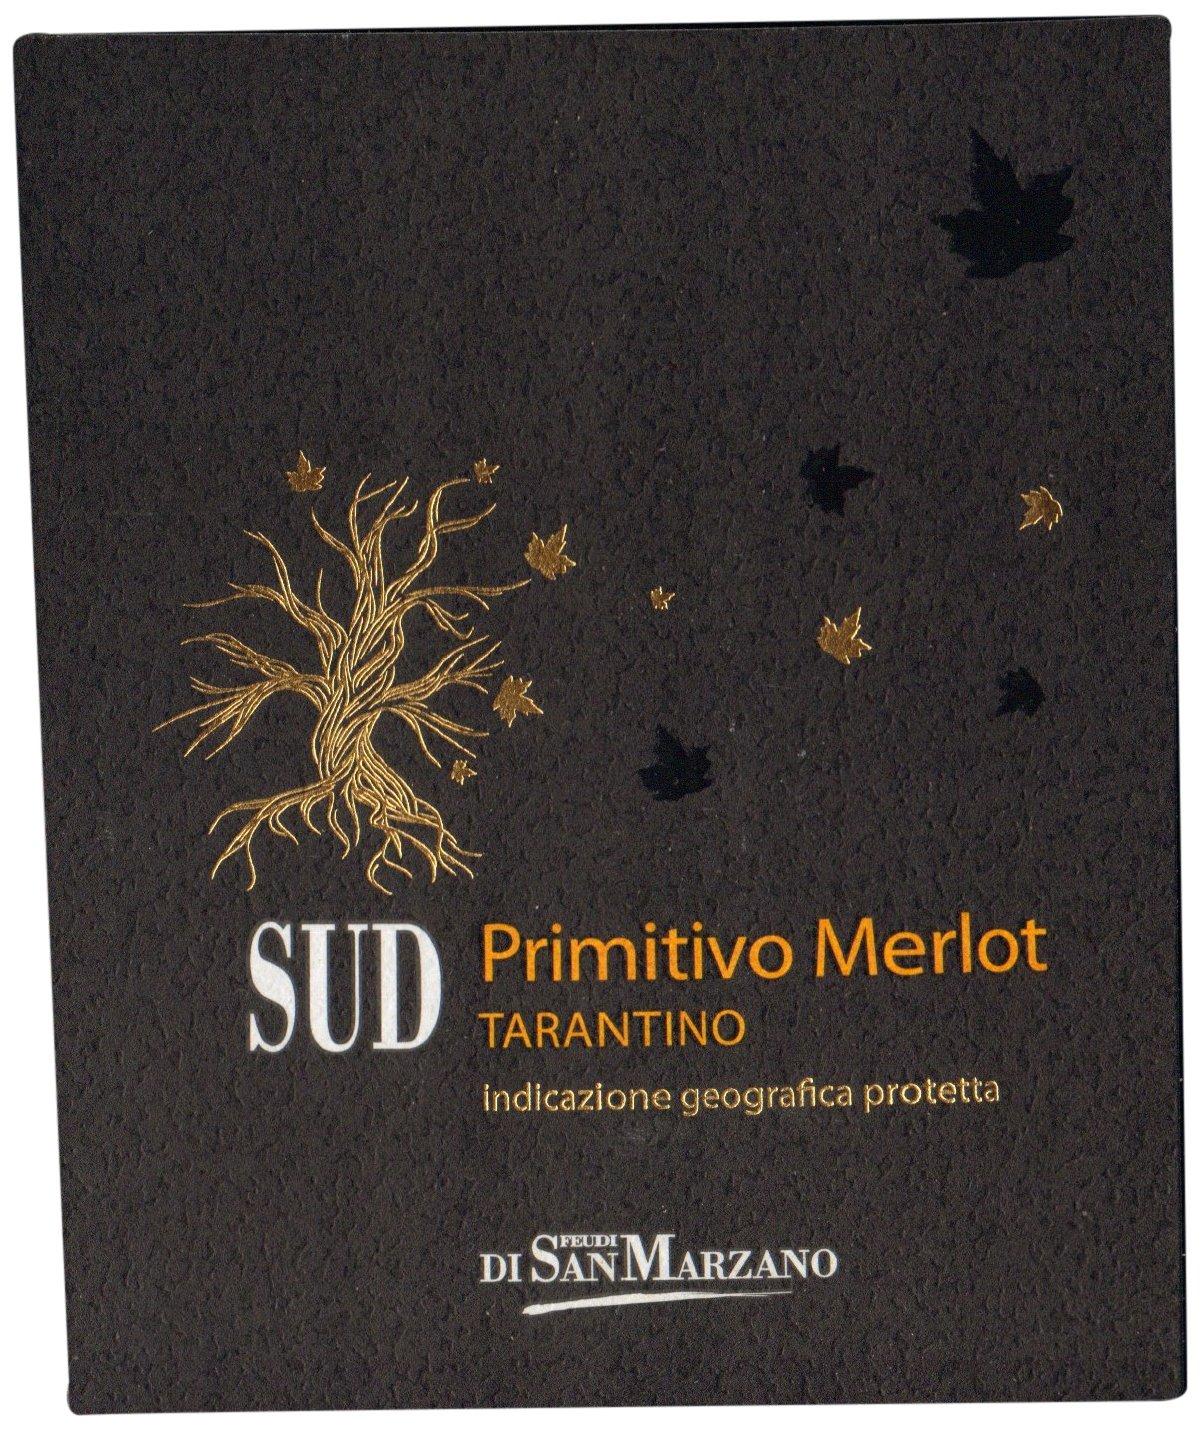 Cantine-San-Marzano-Sud-Primitivo-Merlot-Tarantino-IGP-trocken-1-x-075-l